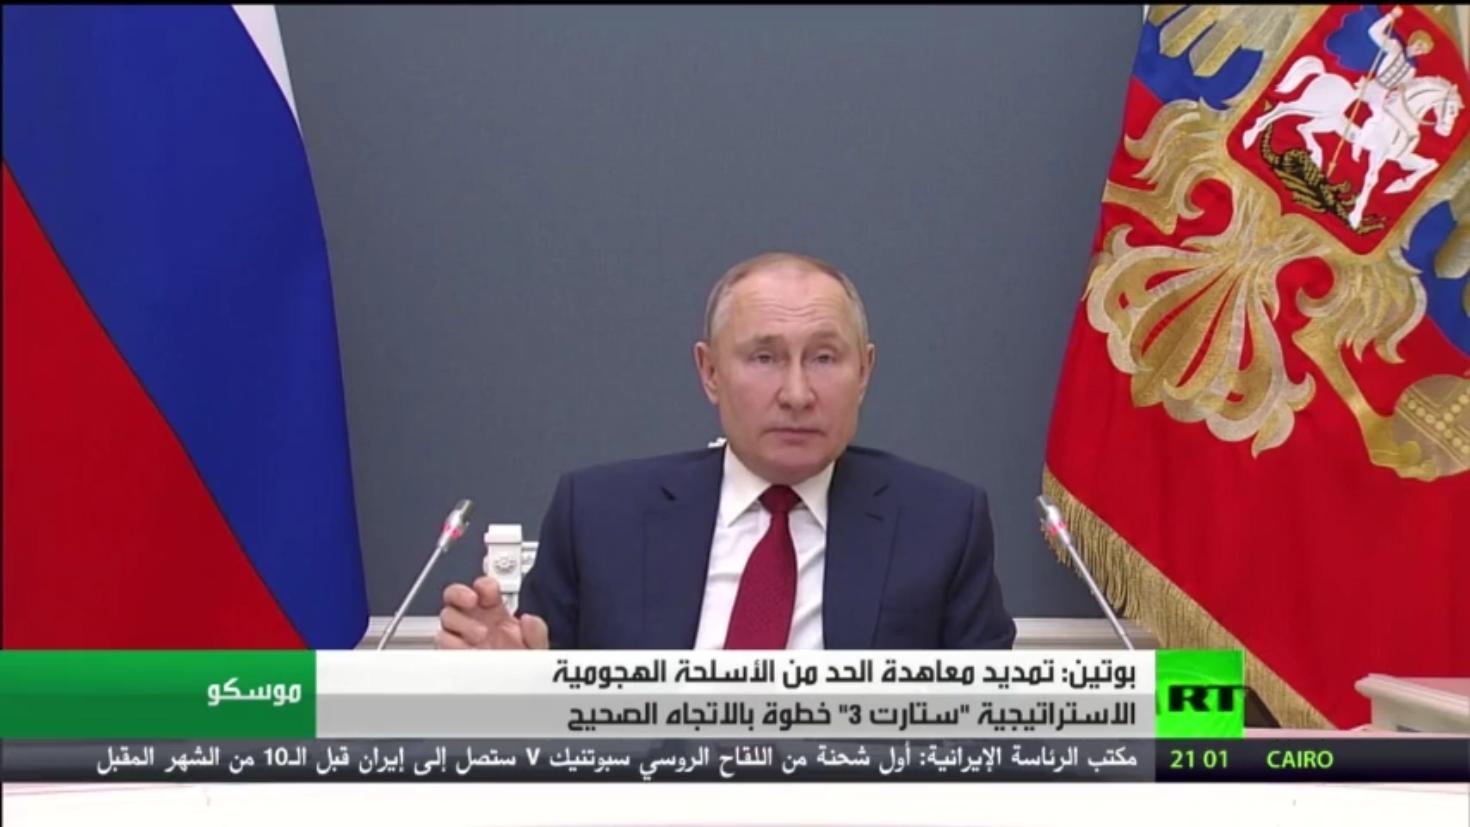 بوتين: تمديد ستارت 3 خطوة في الاتجاه الصحيح